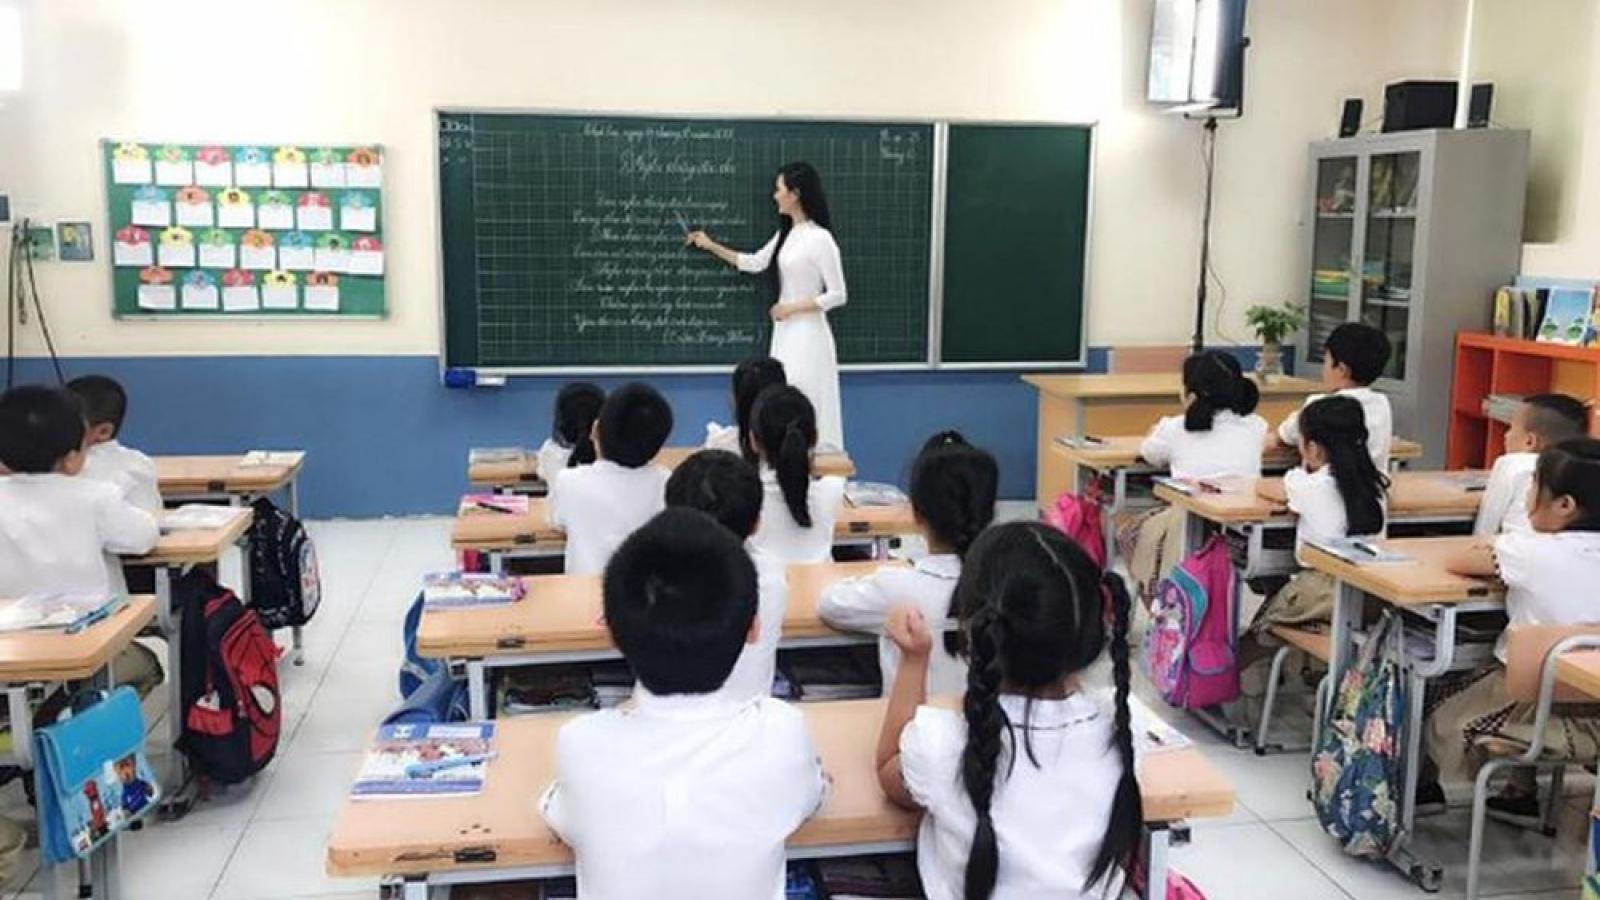 Một tuần, giáo viên phổ thông phải dạy bao nhiêu tiết?